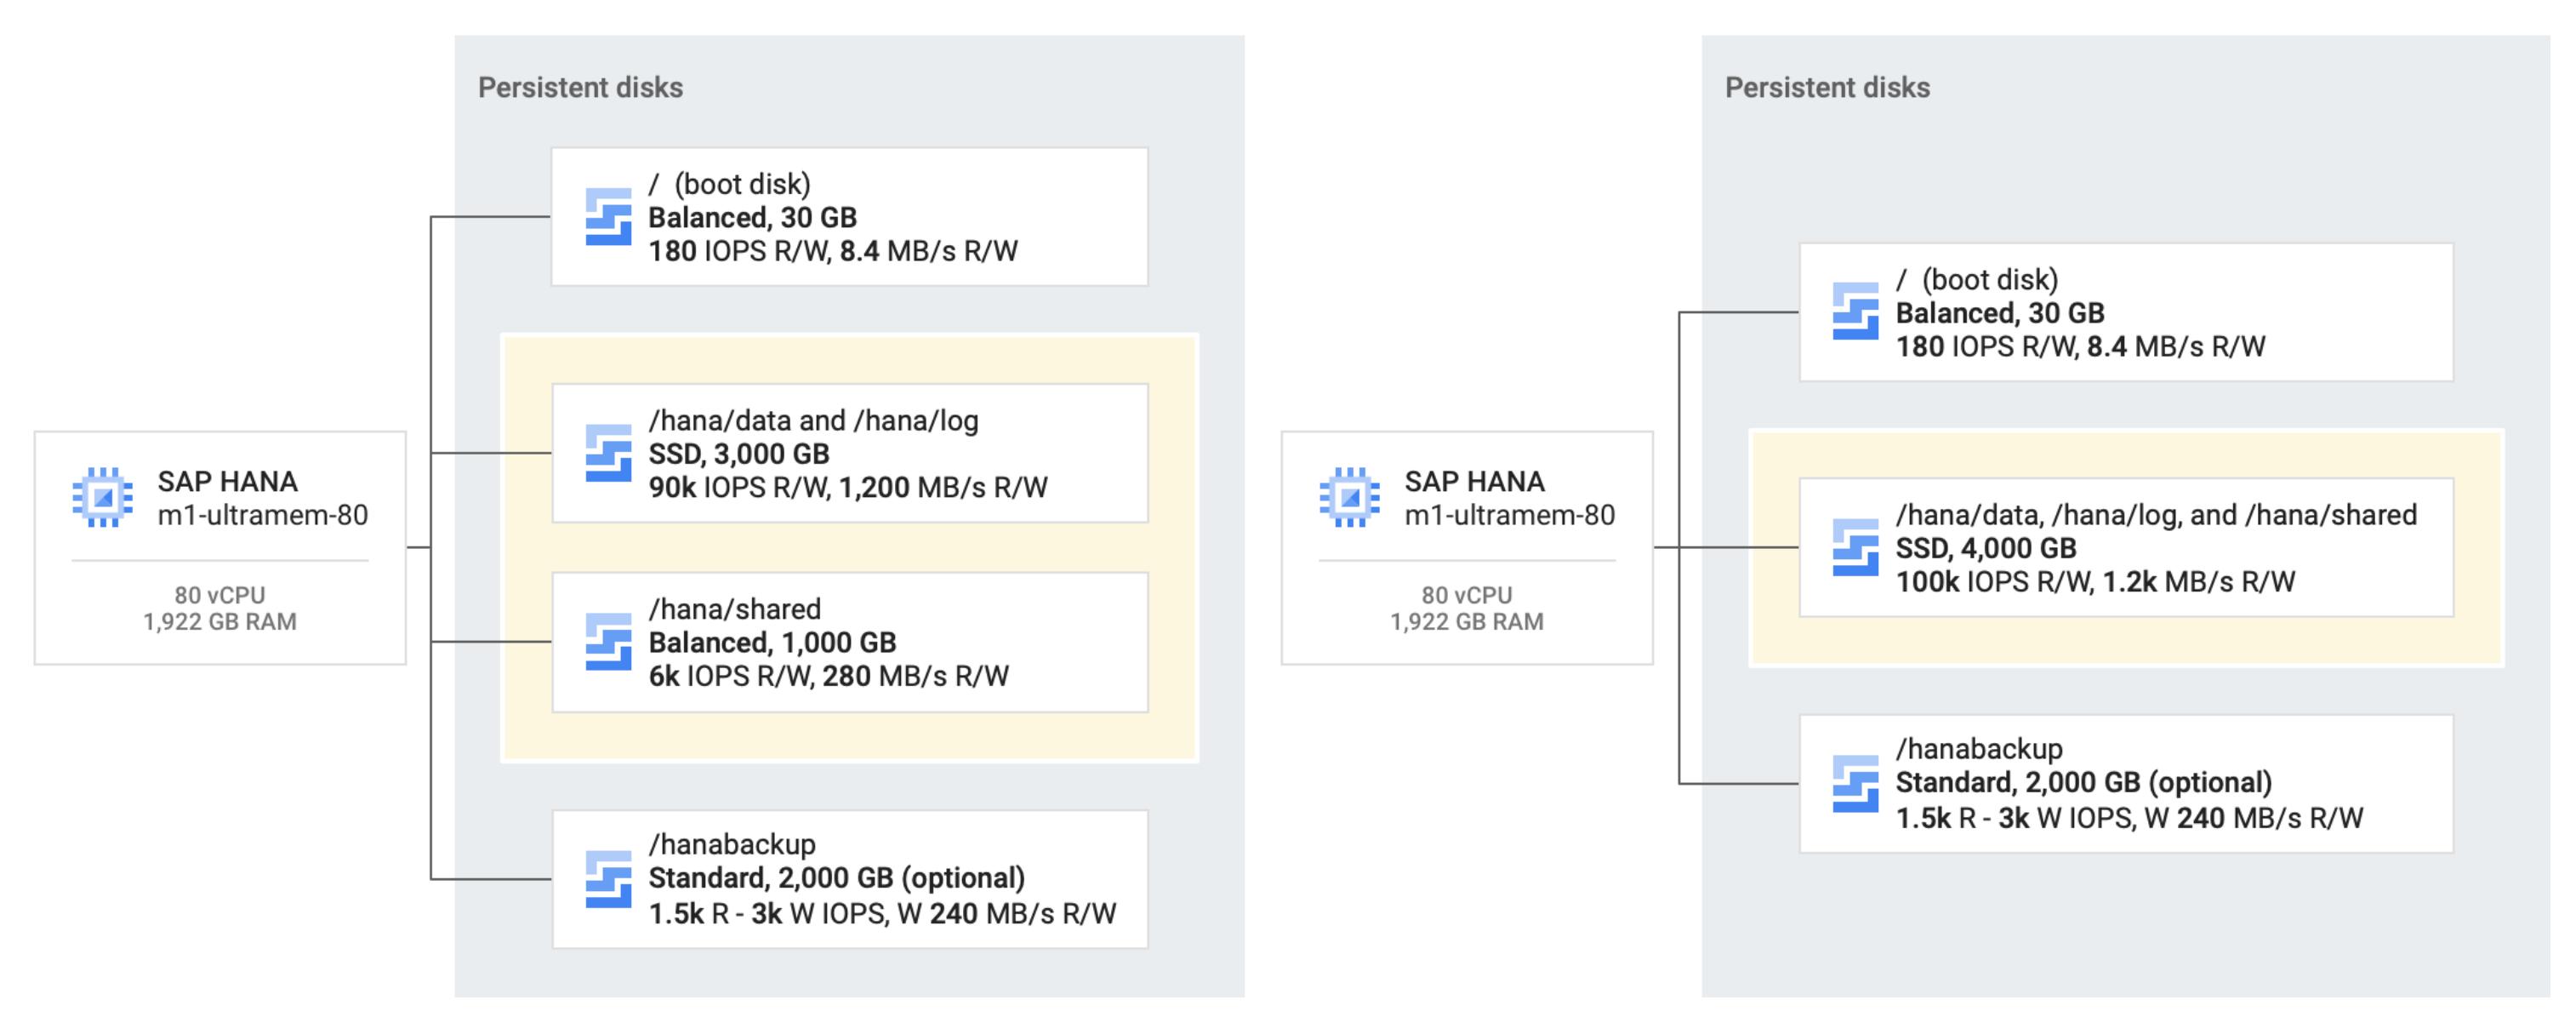 """Dois sistemas SAP HANA são mostrados: o da esquerda tem """"/hana/shared"""" no seu disco permanente equilibrado e """"/hana/data"""" e """"/hana/log"""" juntos em um disco permanente SSD. O outro sistema tem """"/hana/data"""", """"/hana/log"""" e """"/hana/shared"""" em um único disco permanente SSD, que é a arquitetura recomendada."""